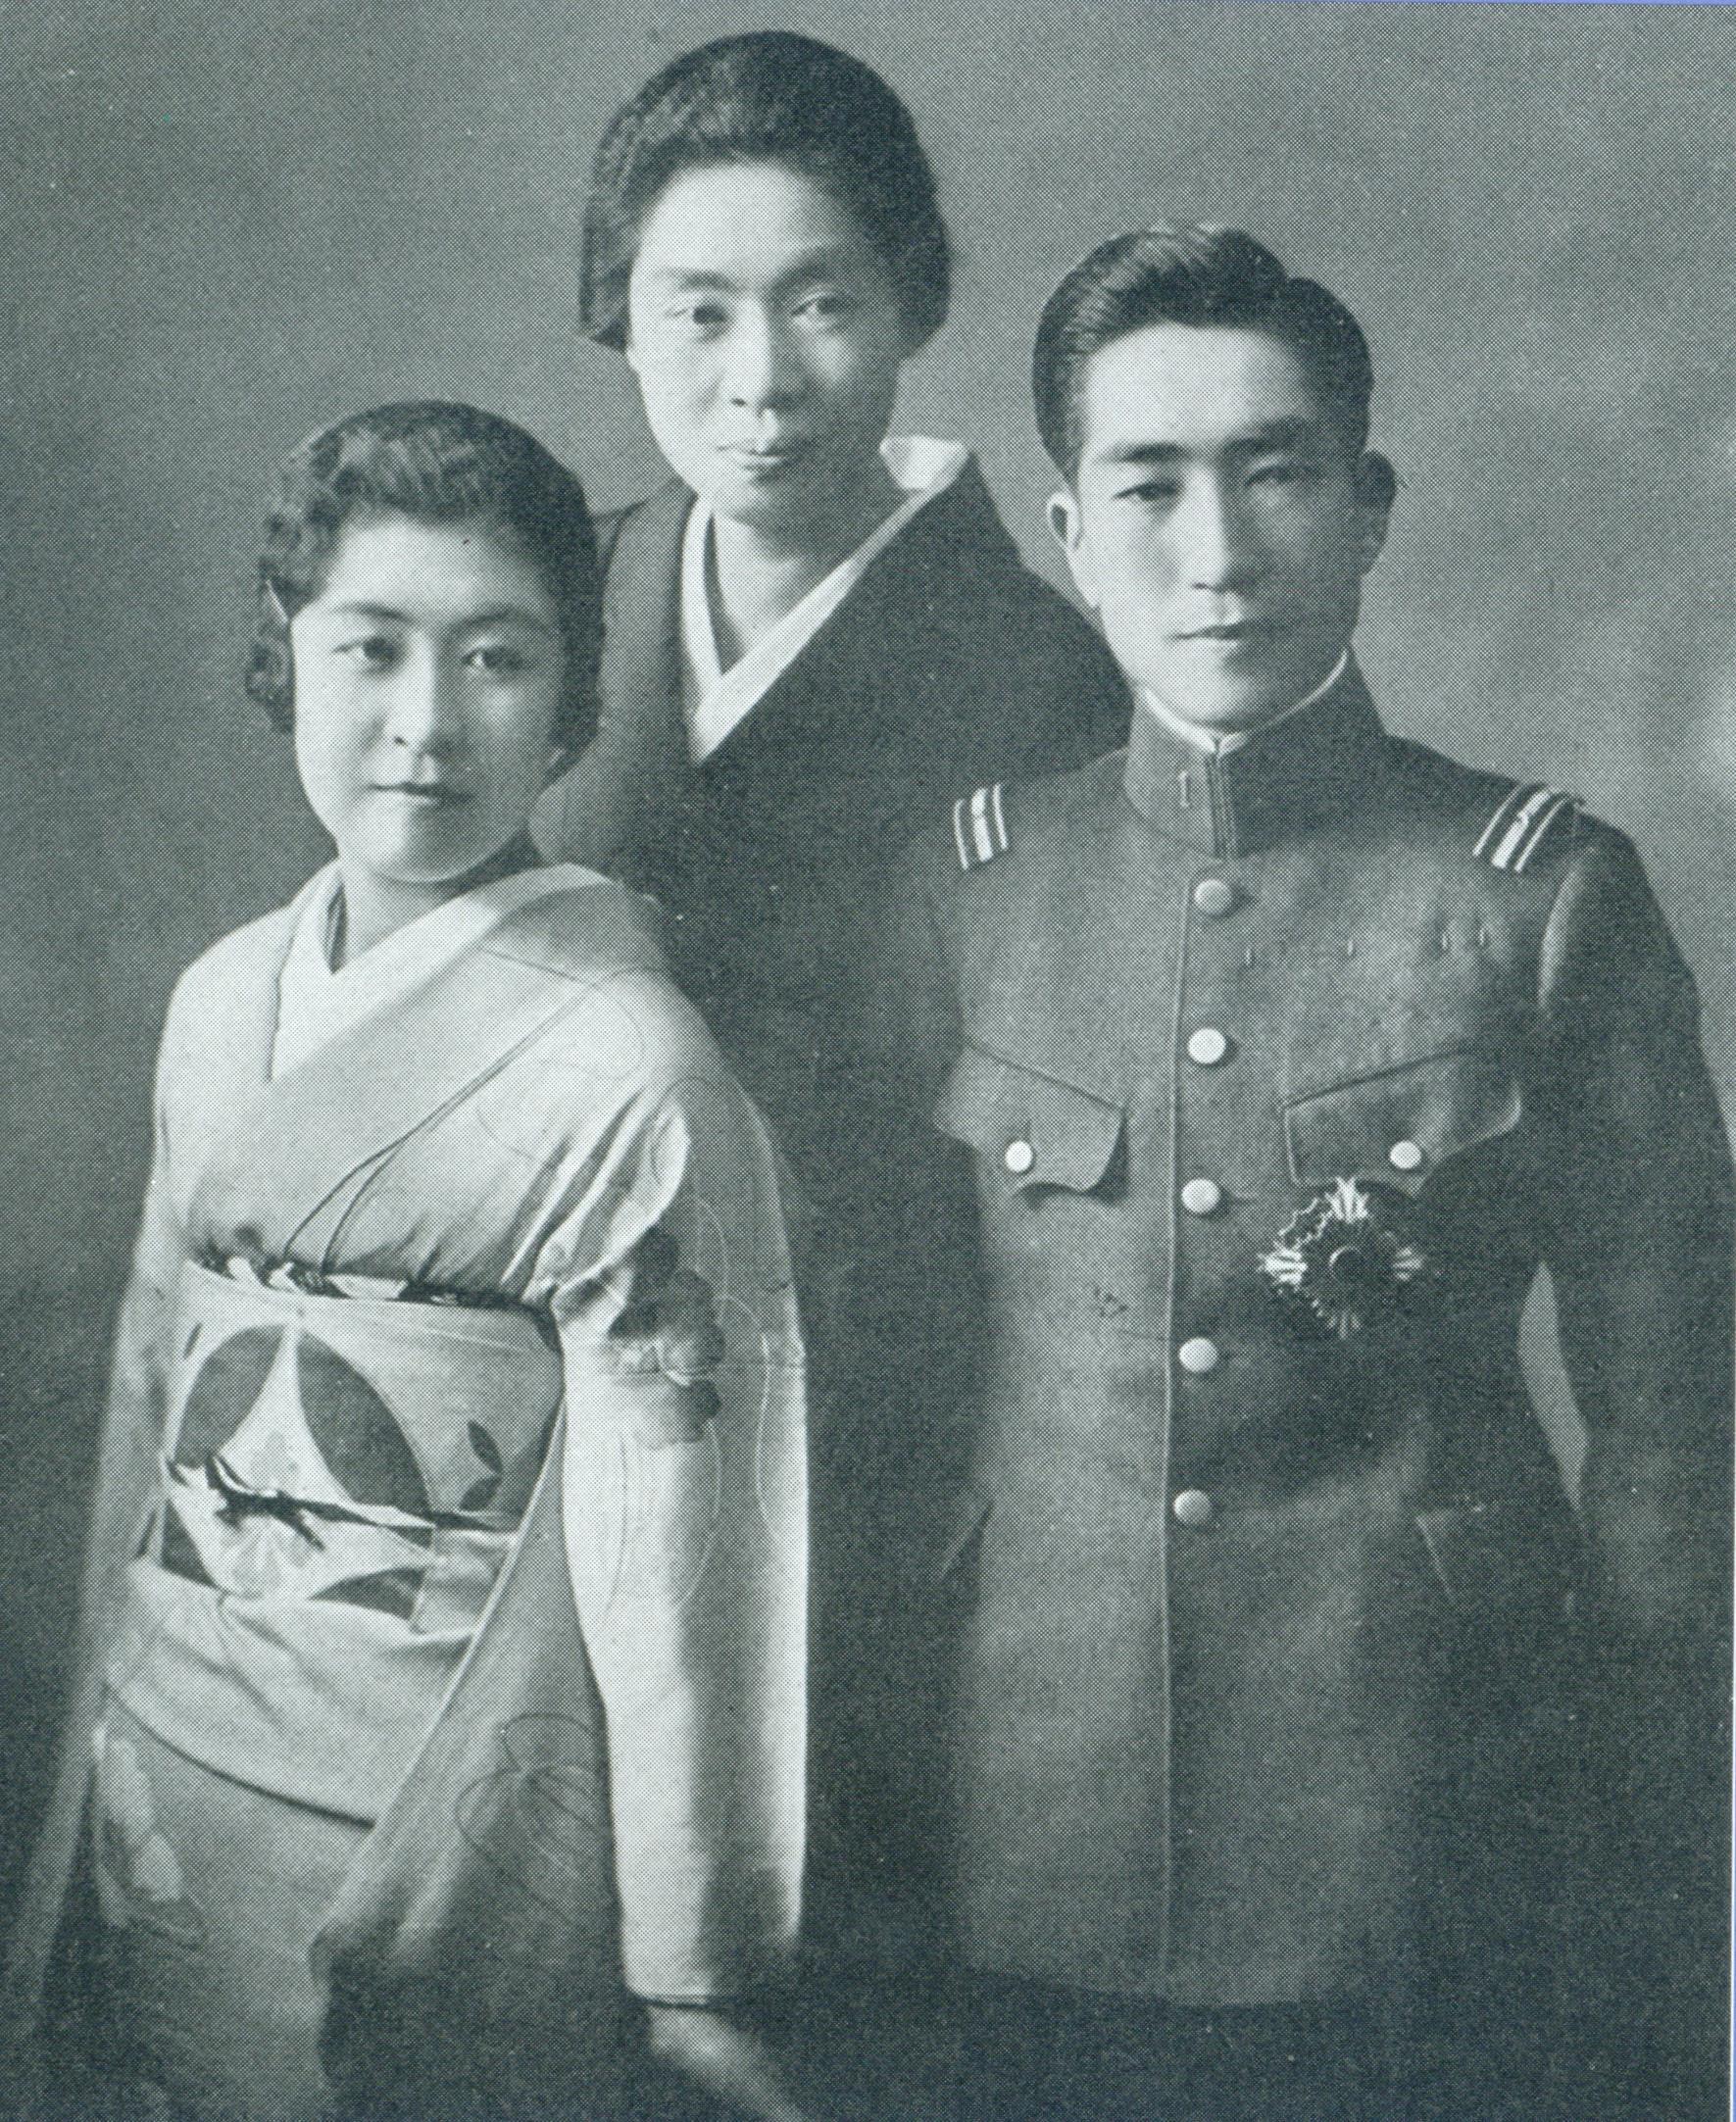 протестантской церкви японская императорская семья фото слепа рождения